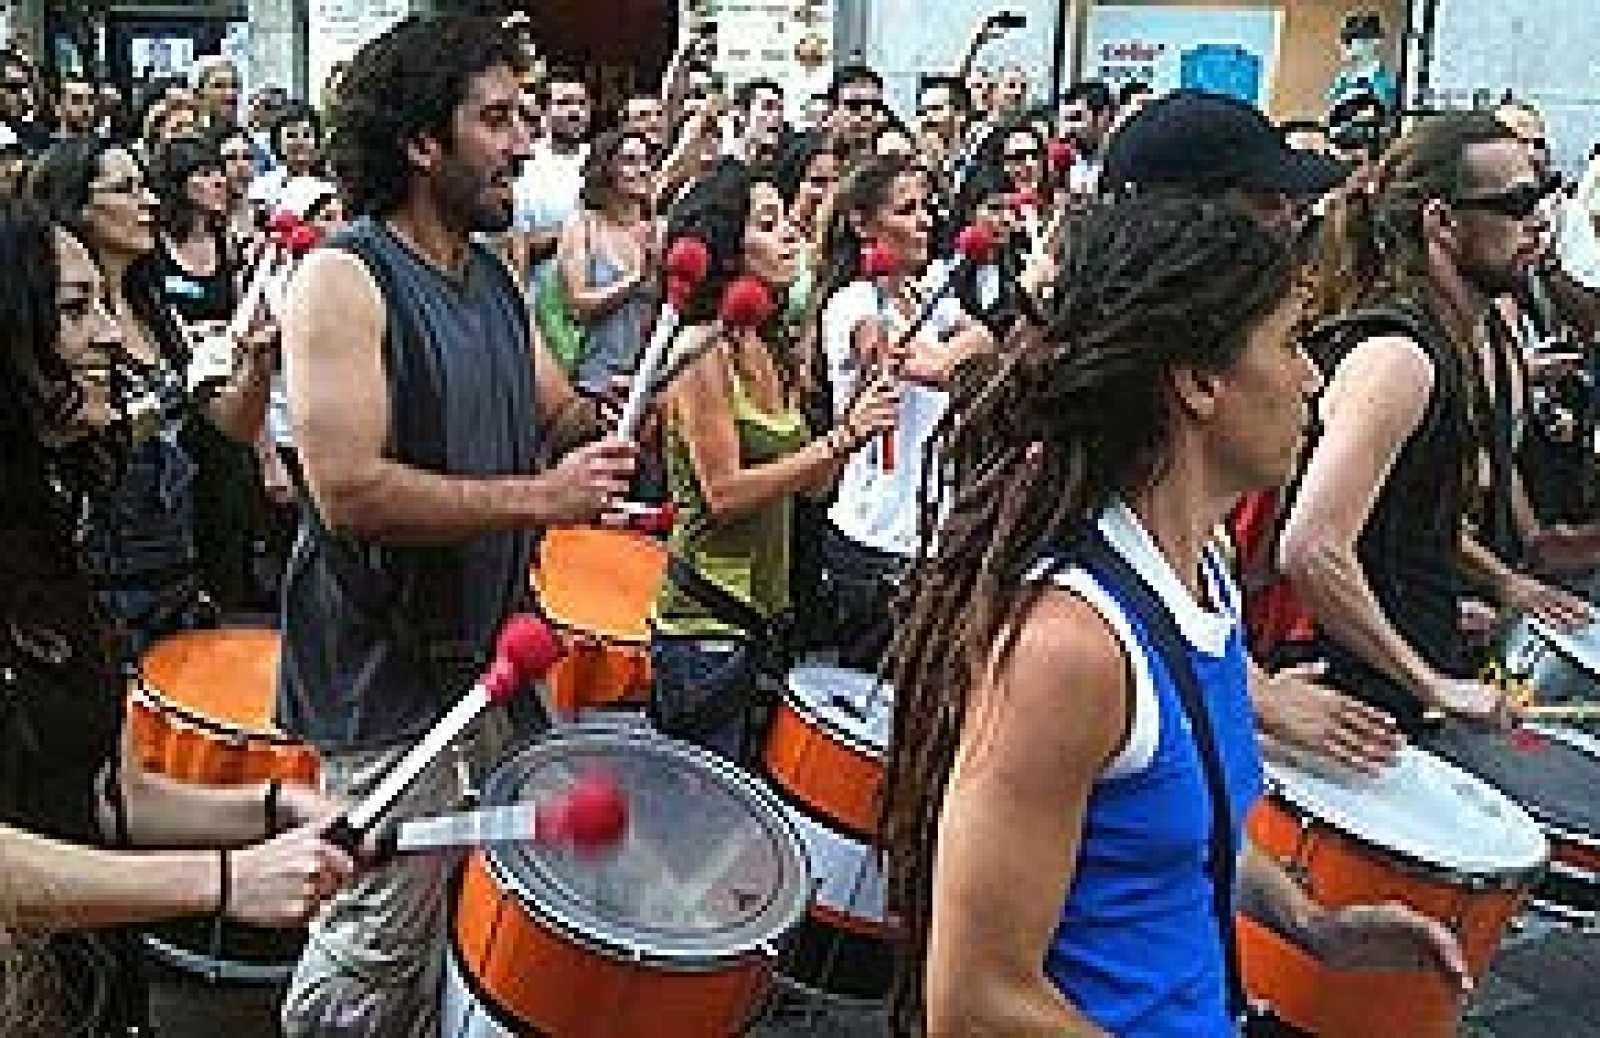 Decenas de personas hacen sonar sus tambores en una 'batucada' espontánea en la Puerta del Sol de Madrid.